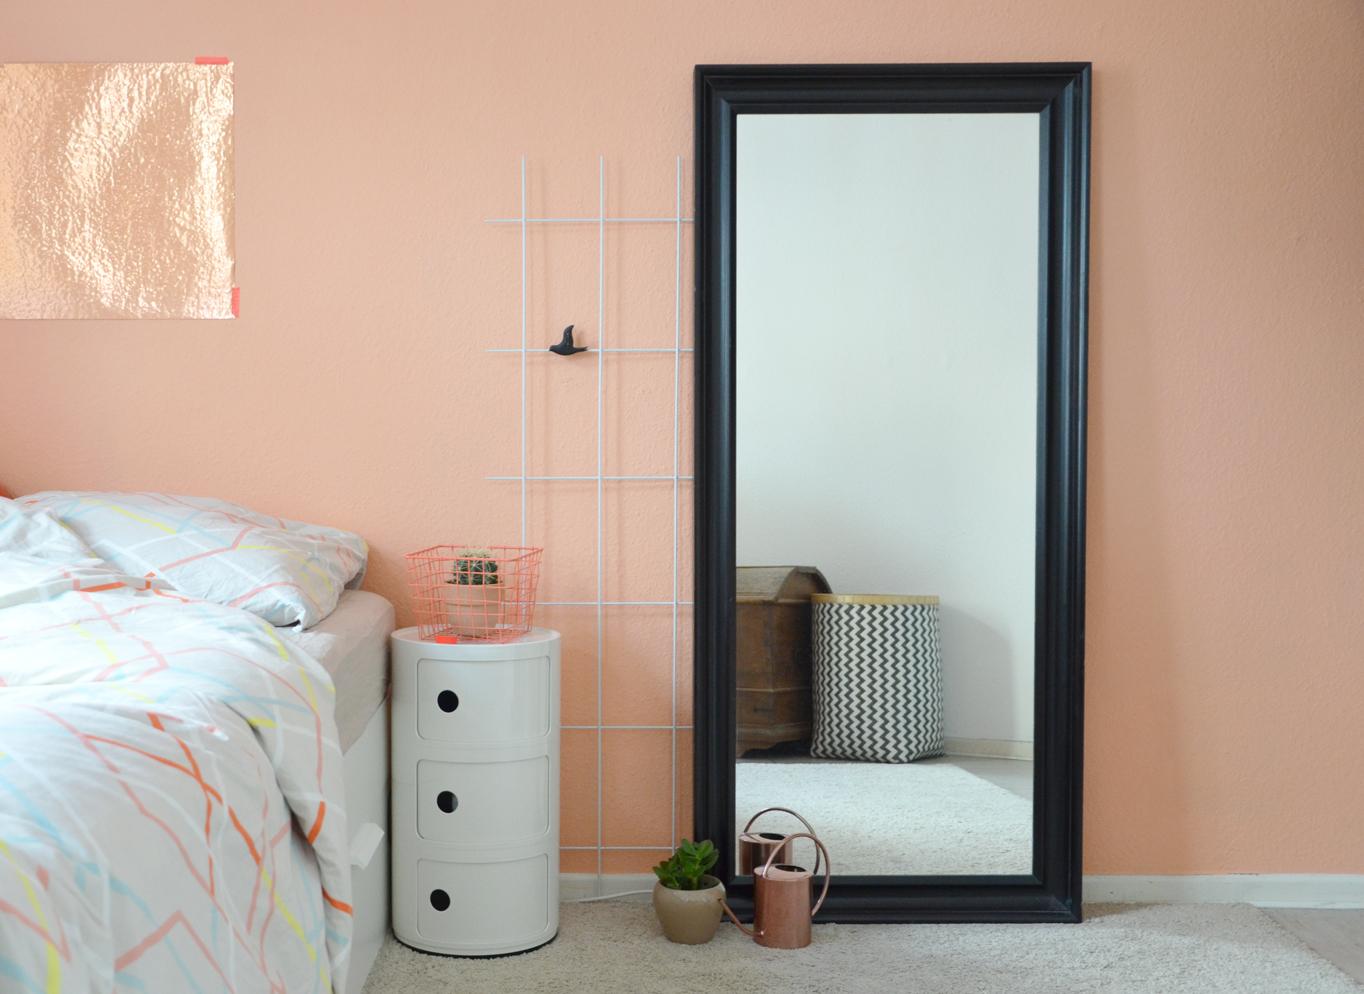 Schlafzimmer in Apricot - annablogie